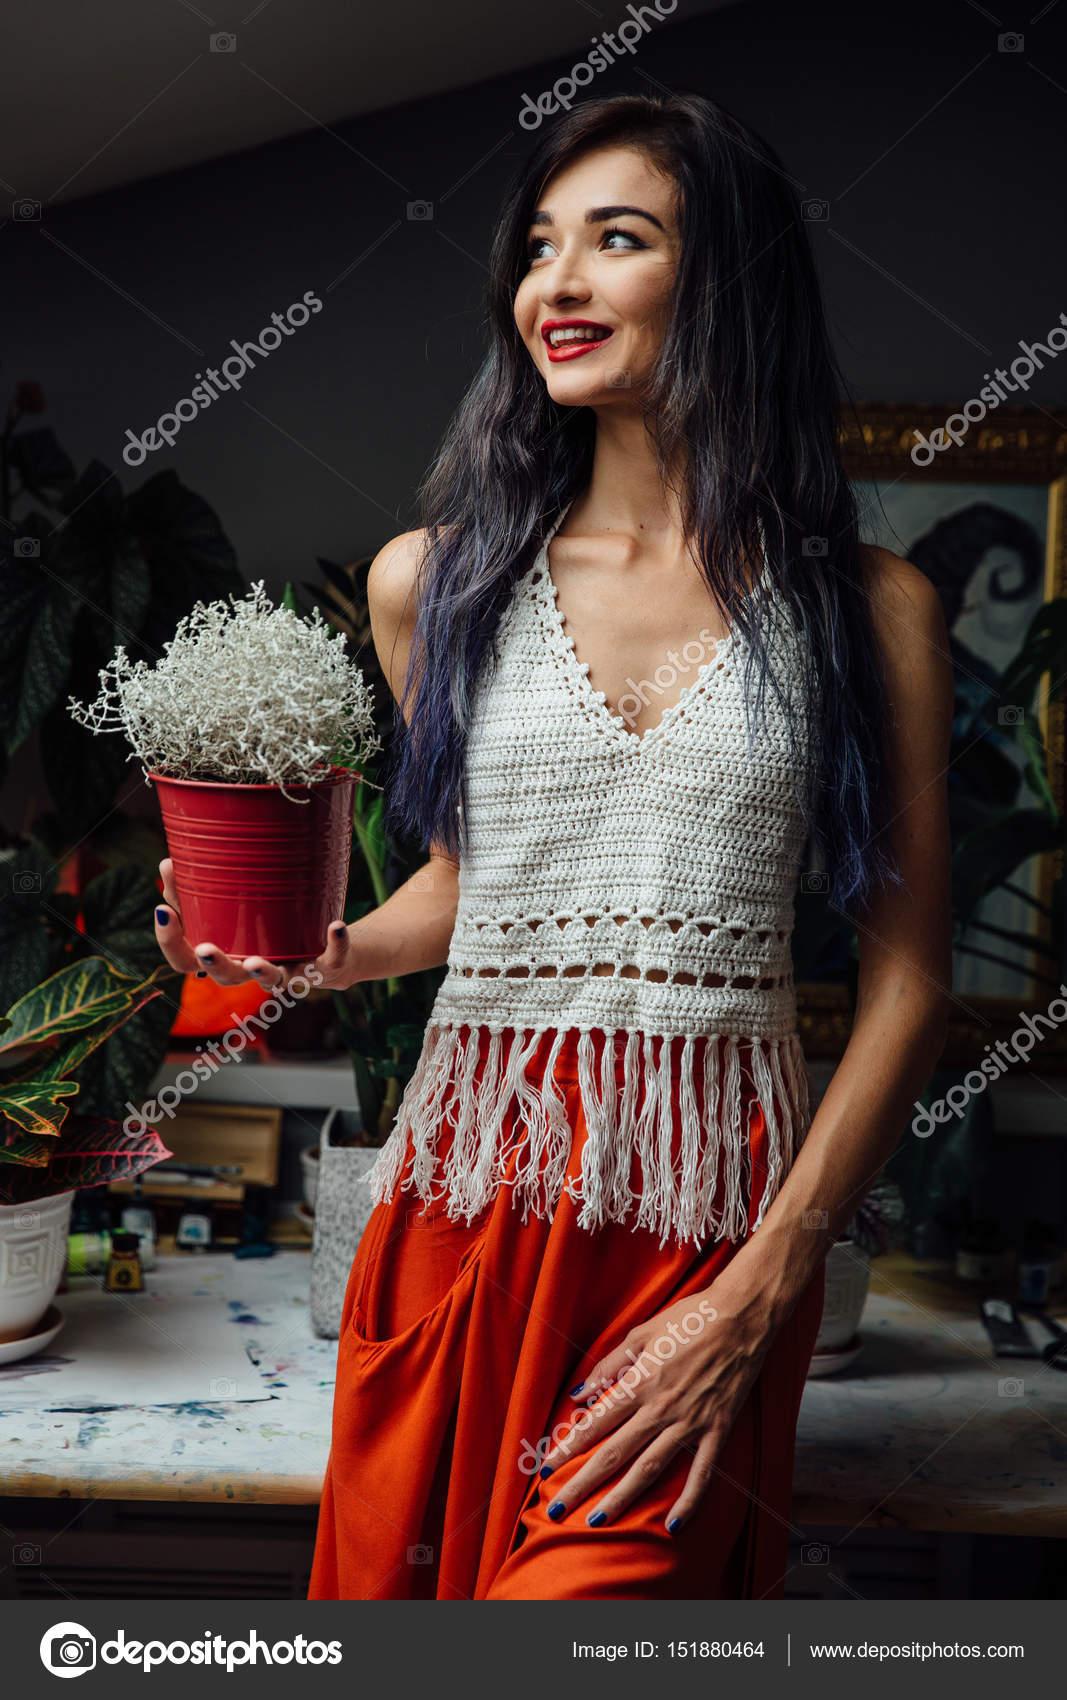 841b87d6d714 Porträt von Mädchen Nahaufnahme Lebensstil, tragen trendige ...